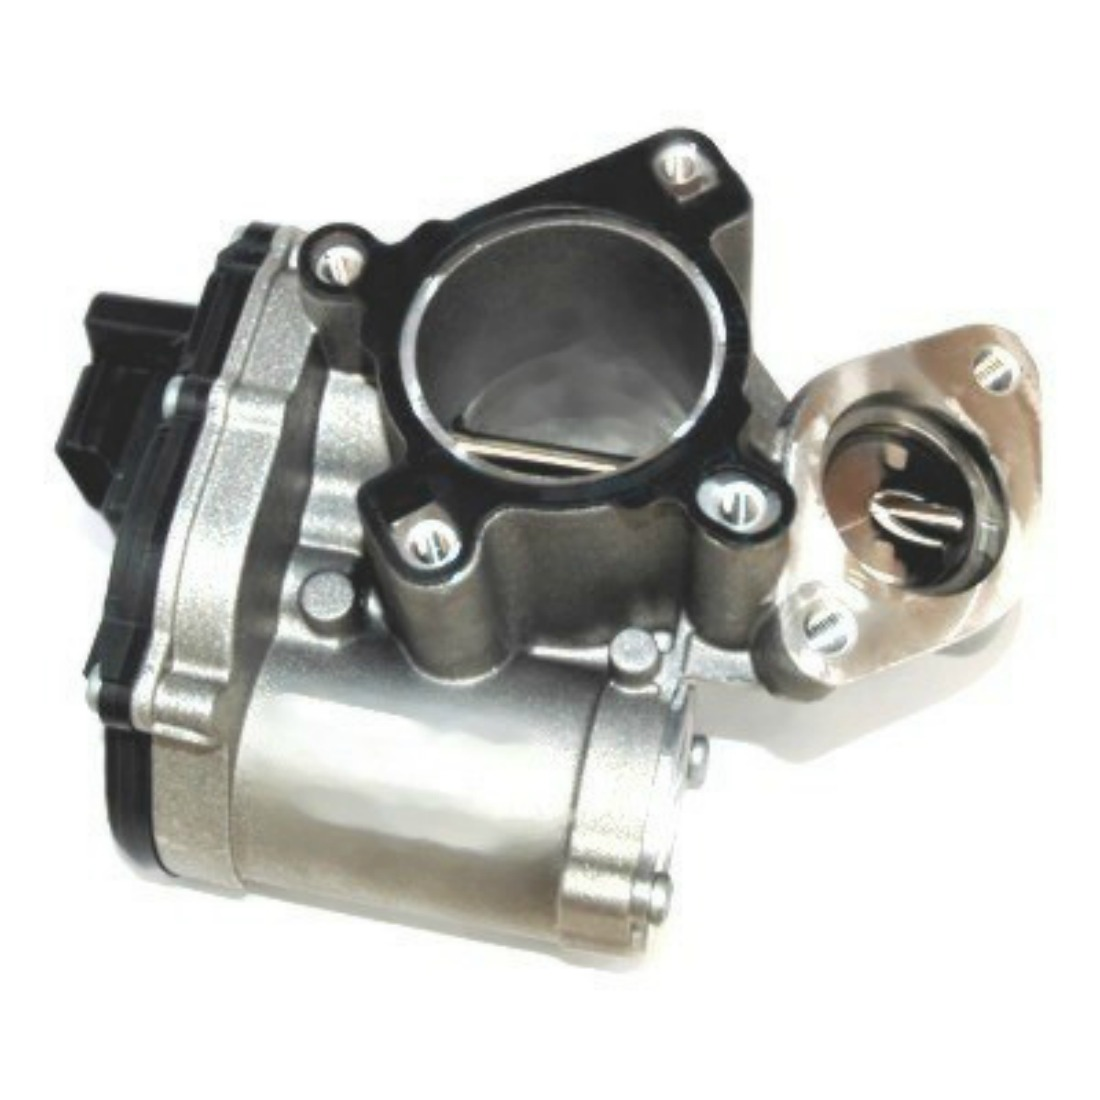 egr-valve-2.0dci-m9r